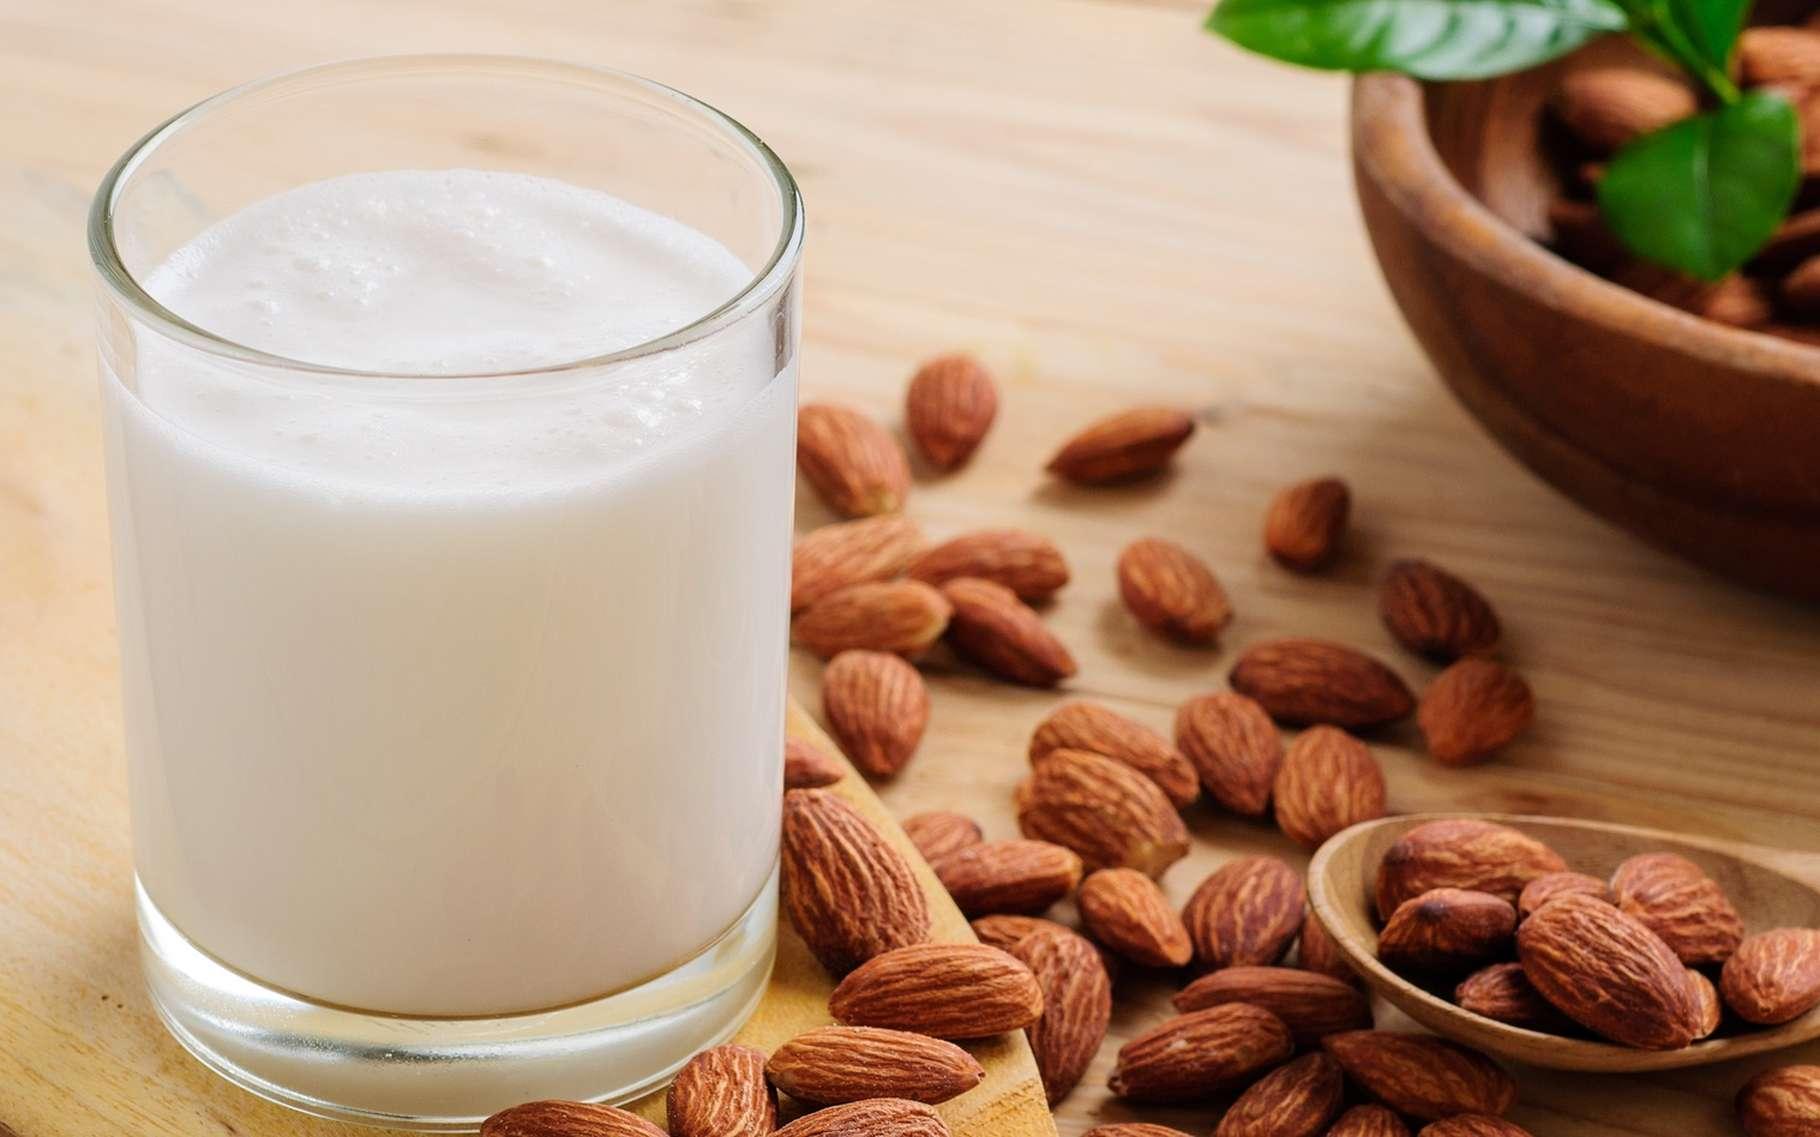 Les laits végétaux peuvent accompagner les céréales du petit-déjeuner, servir à la pâtisserie et aux entremets. © Wichy, Shutterstock